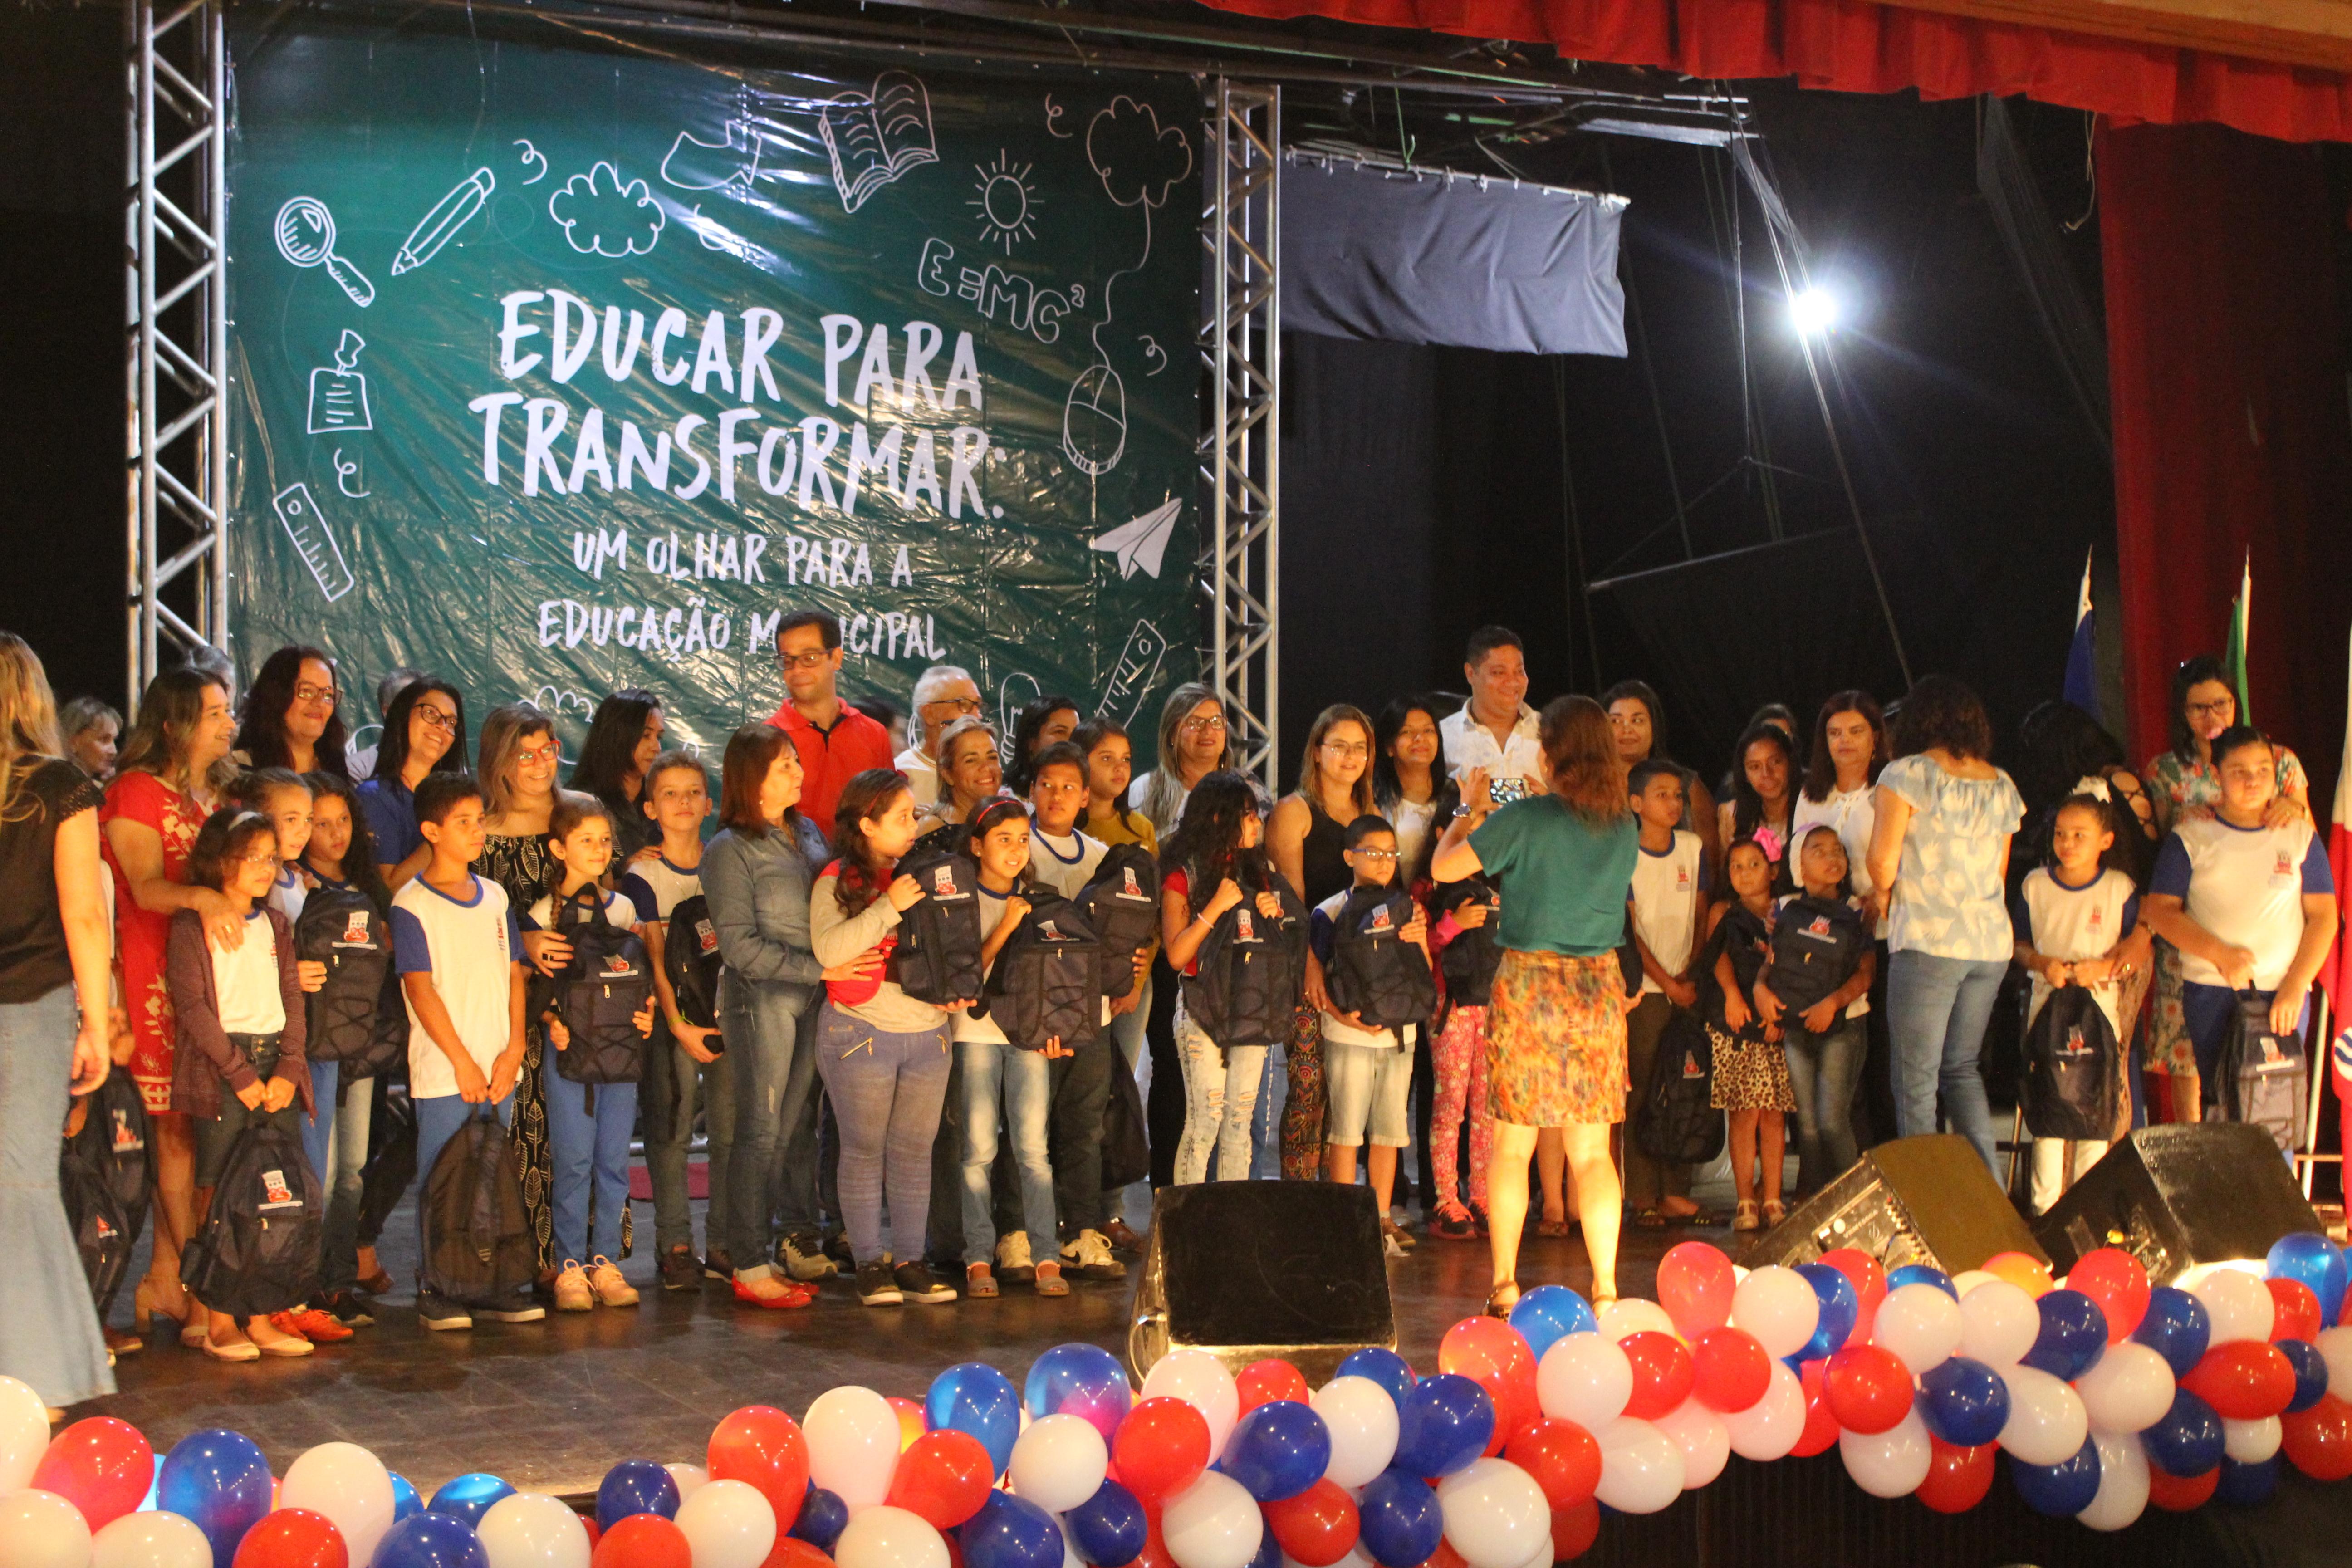 4e96fafe5 Alunos da Rede Municipal de Ensino recebem kits pedagógicos